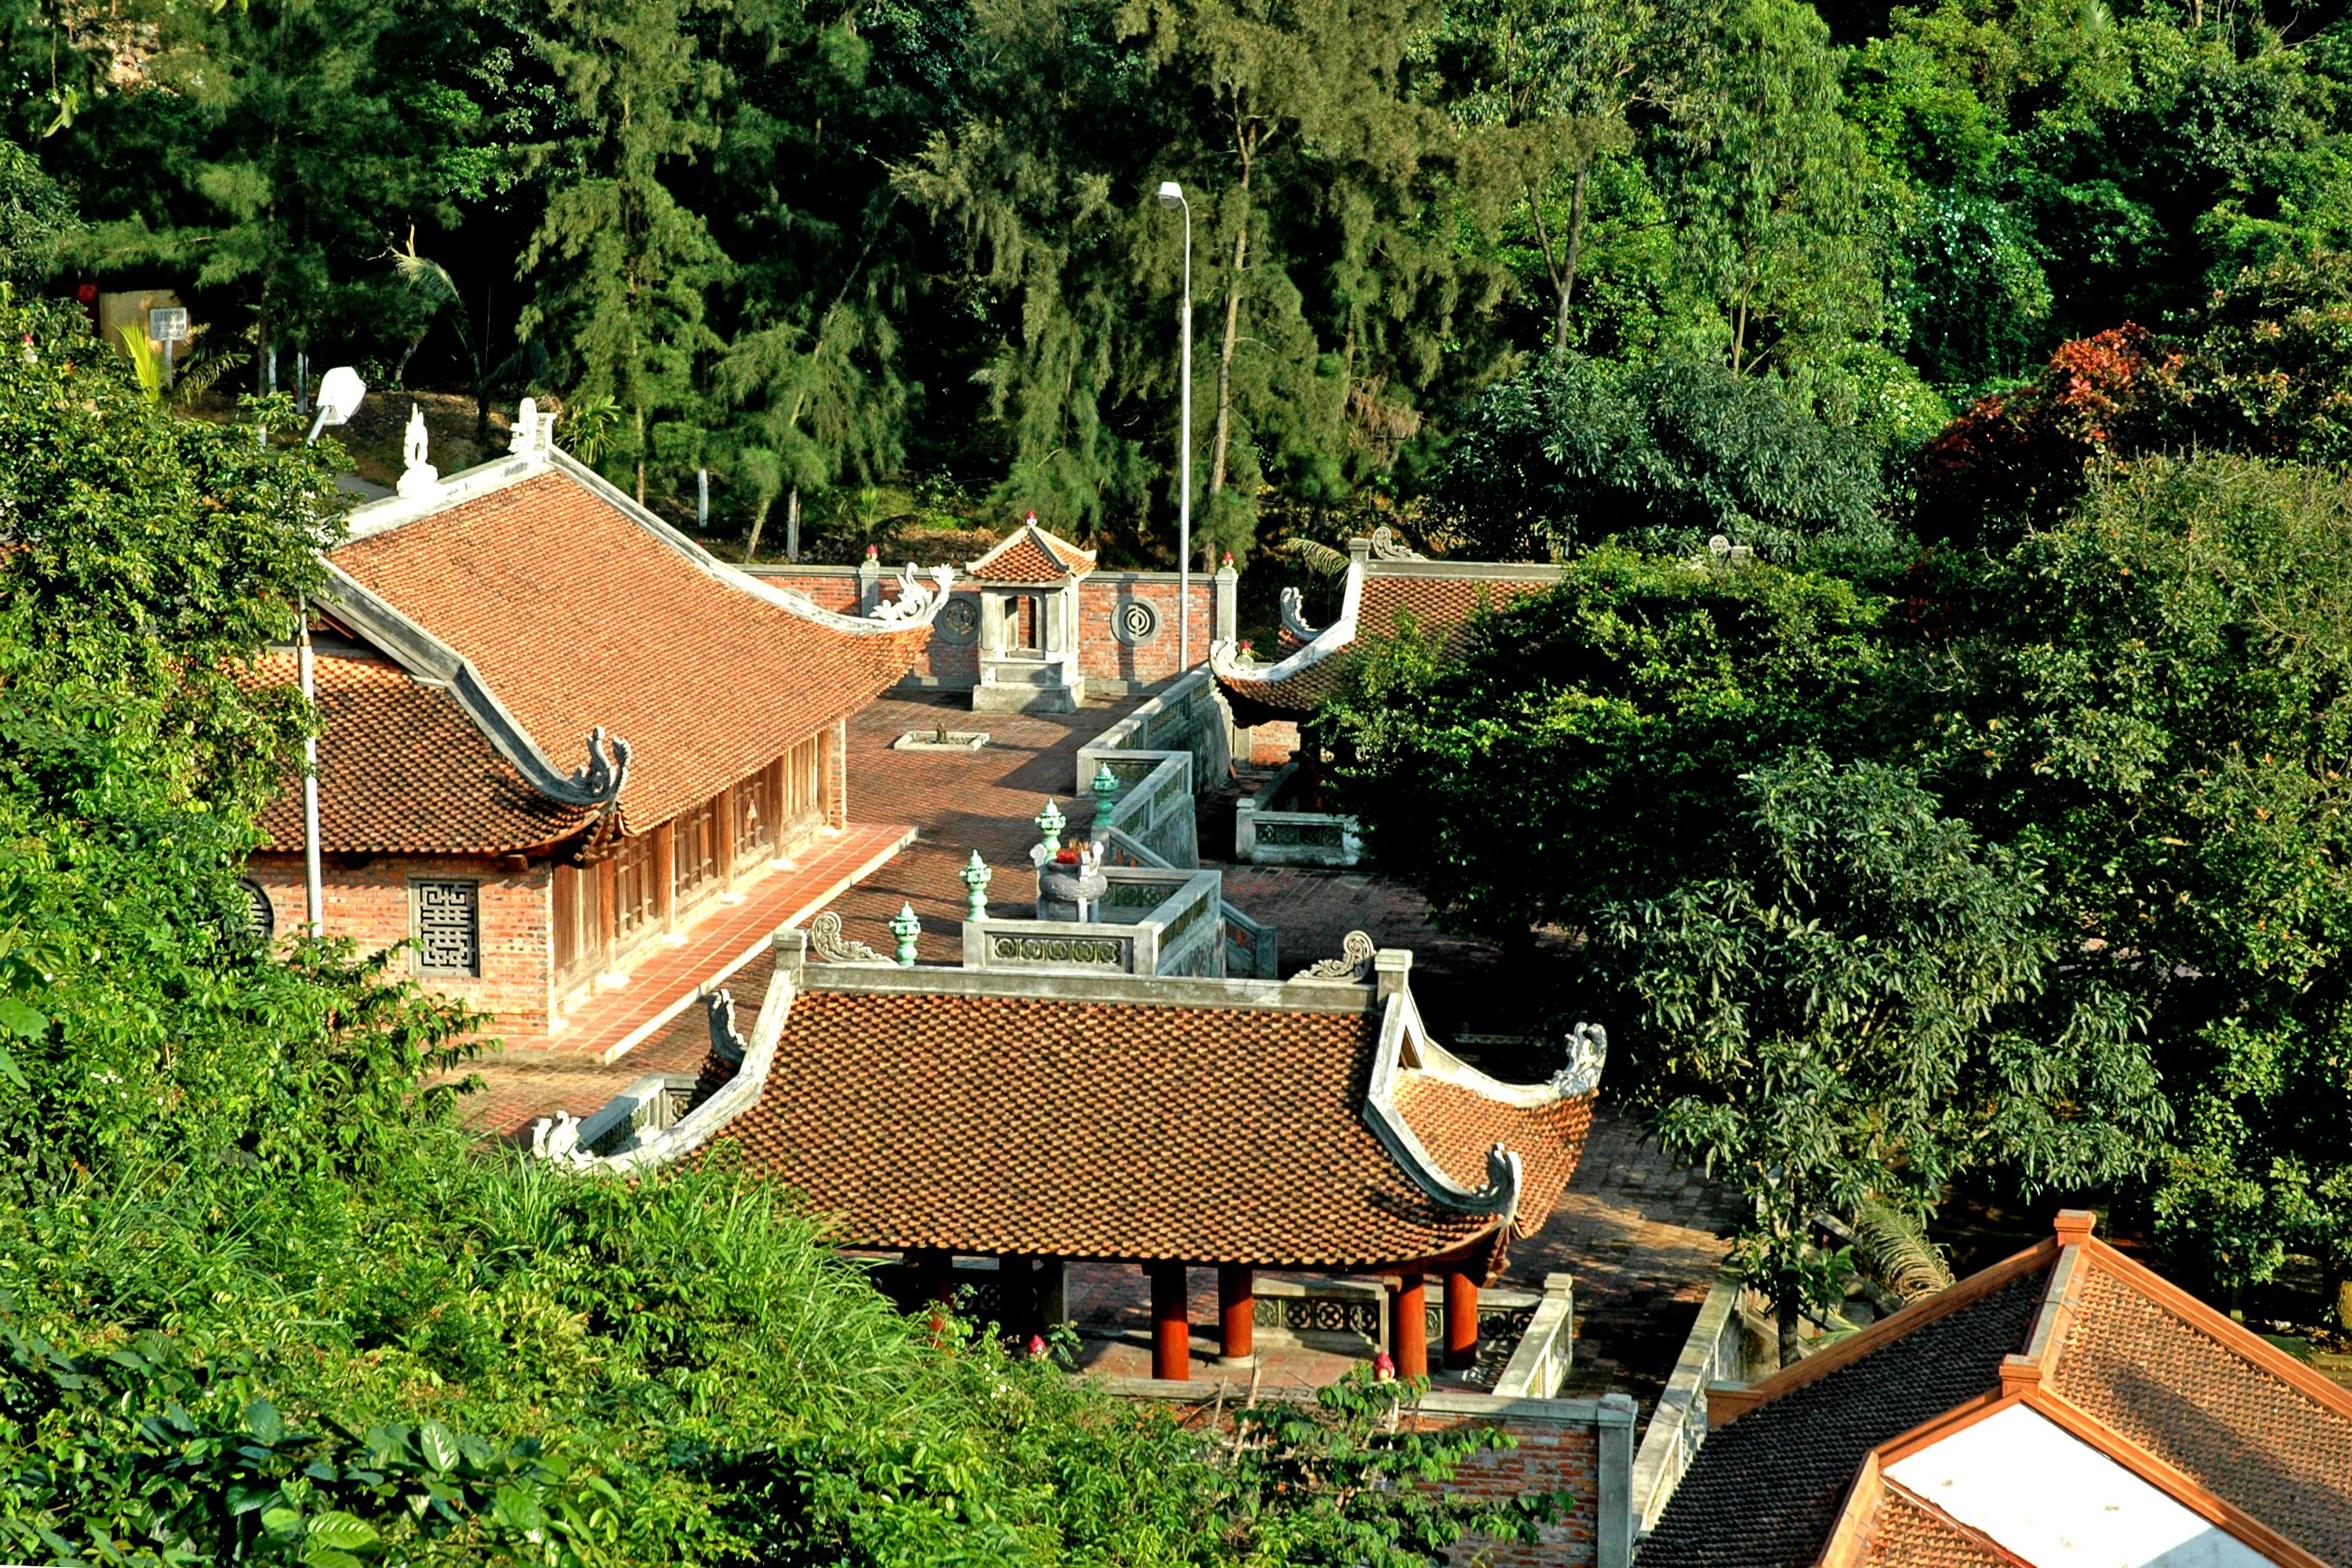 Chùa Song ngư trên đảo Ngư